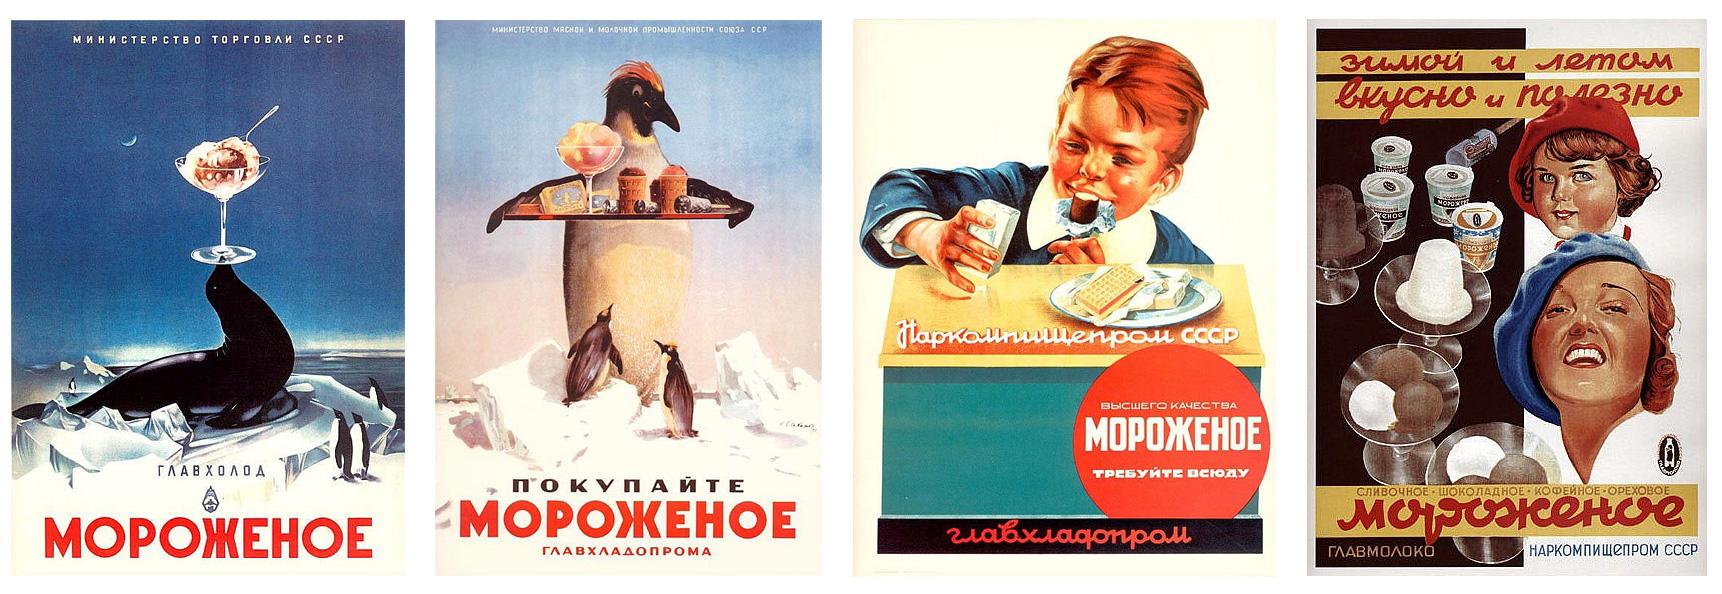 """Attēlu rezultāti vaicājumam """"советское мороженное"""""""